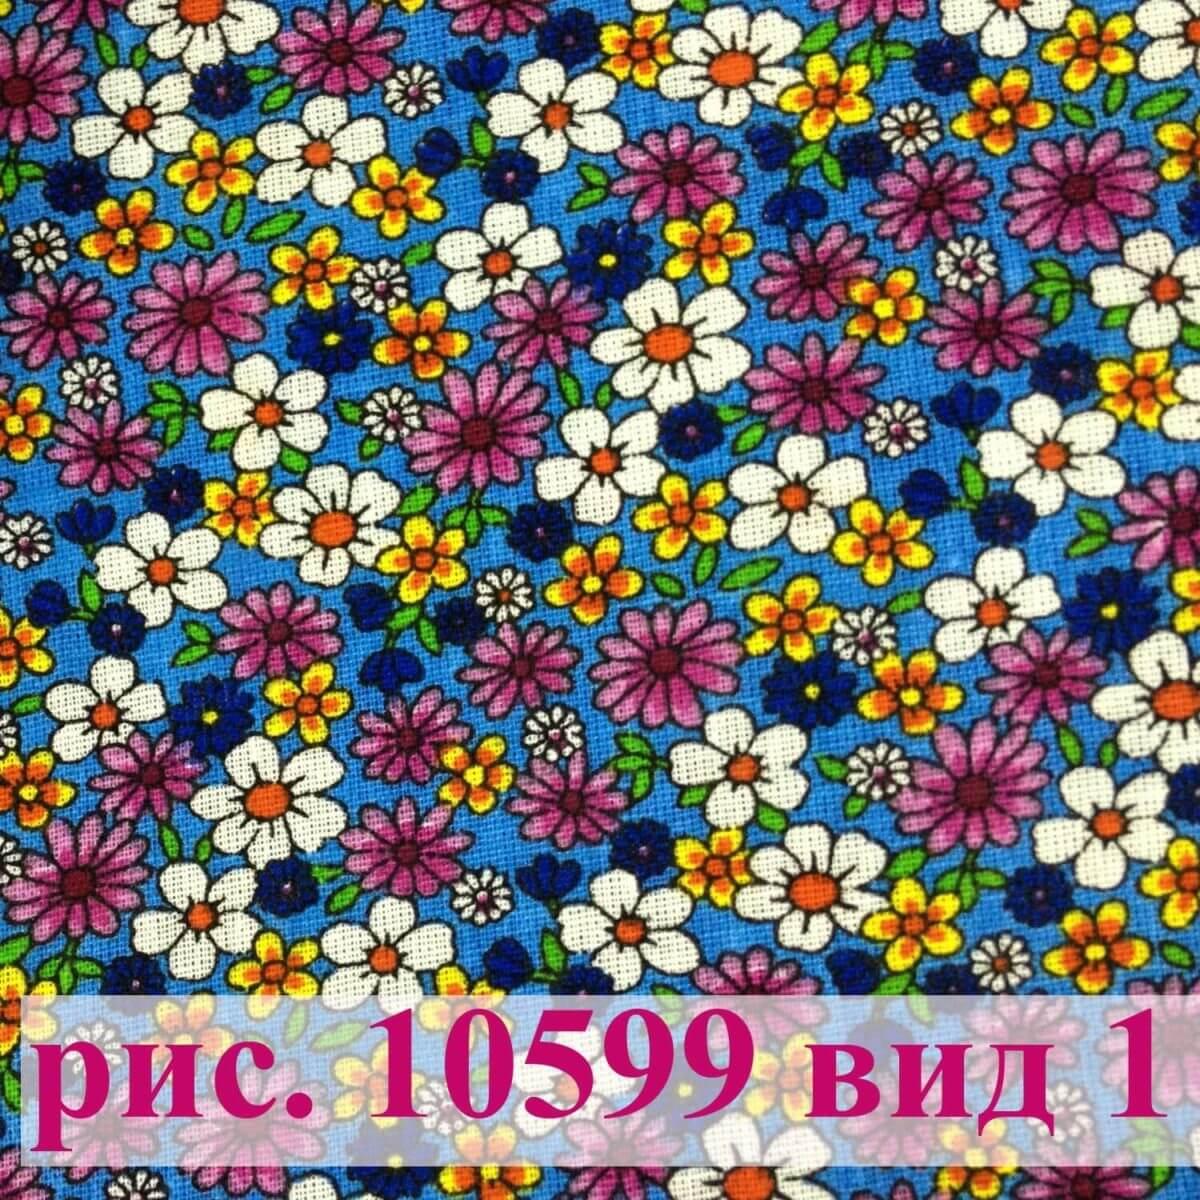 Фото 13 - Плательная ткань бязь 150 см (10599/4).